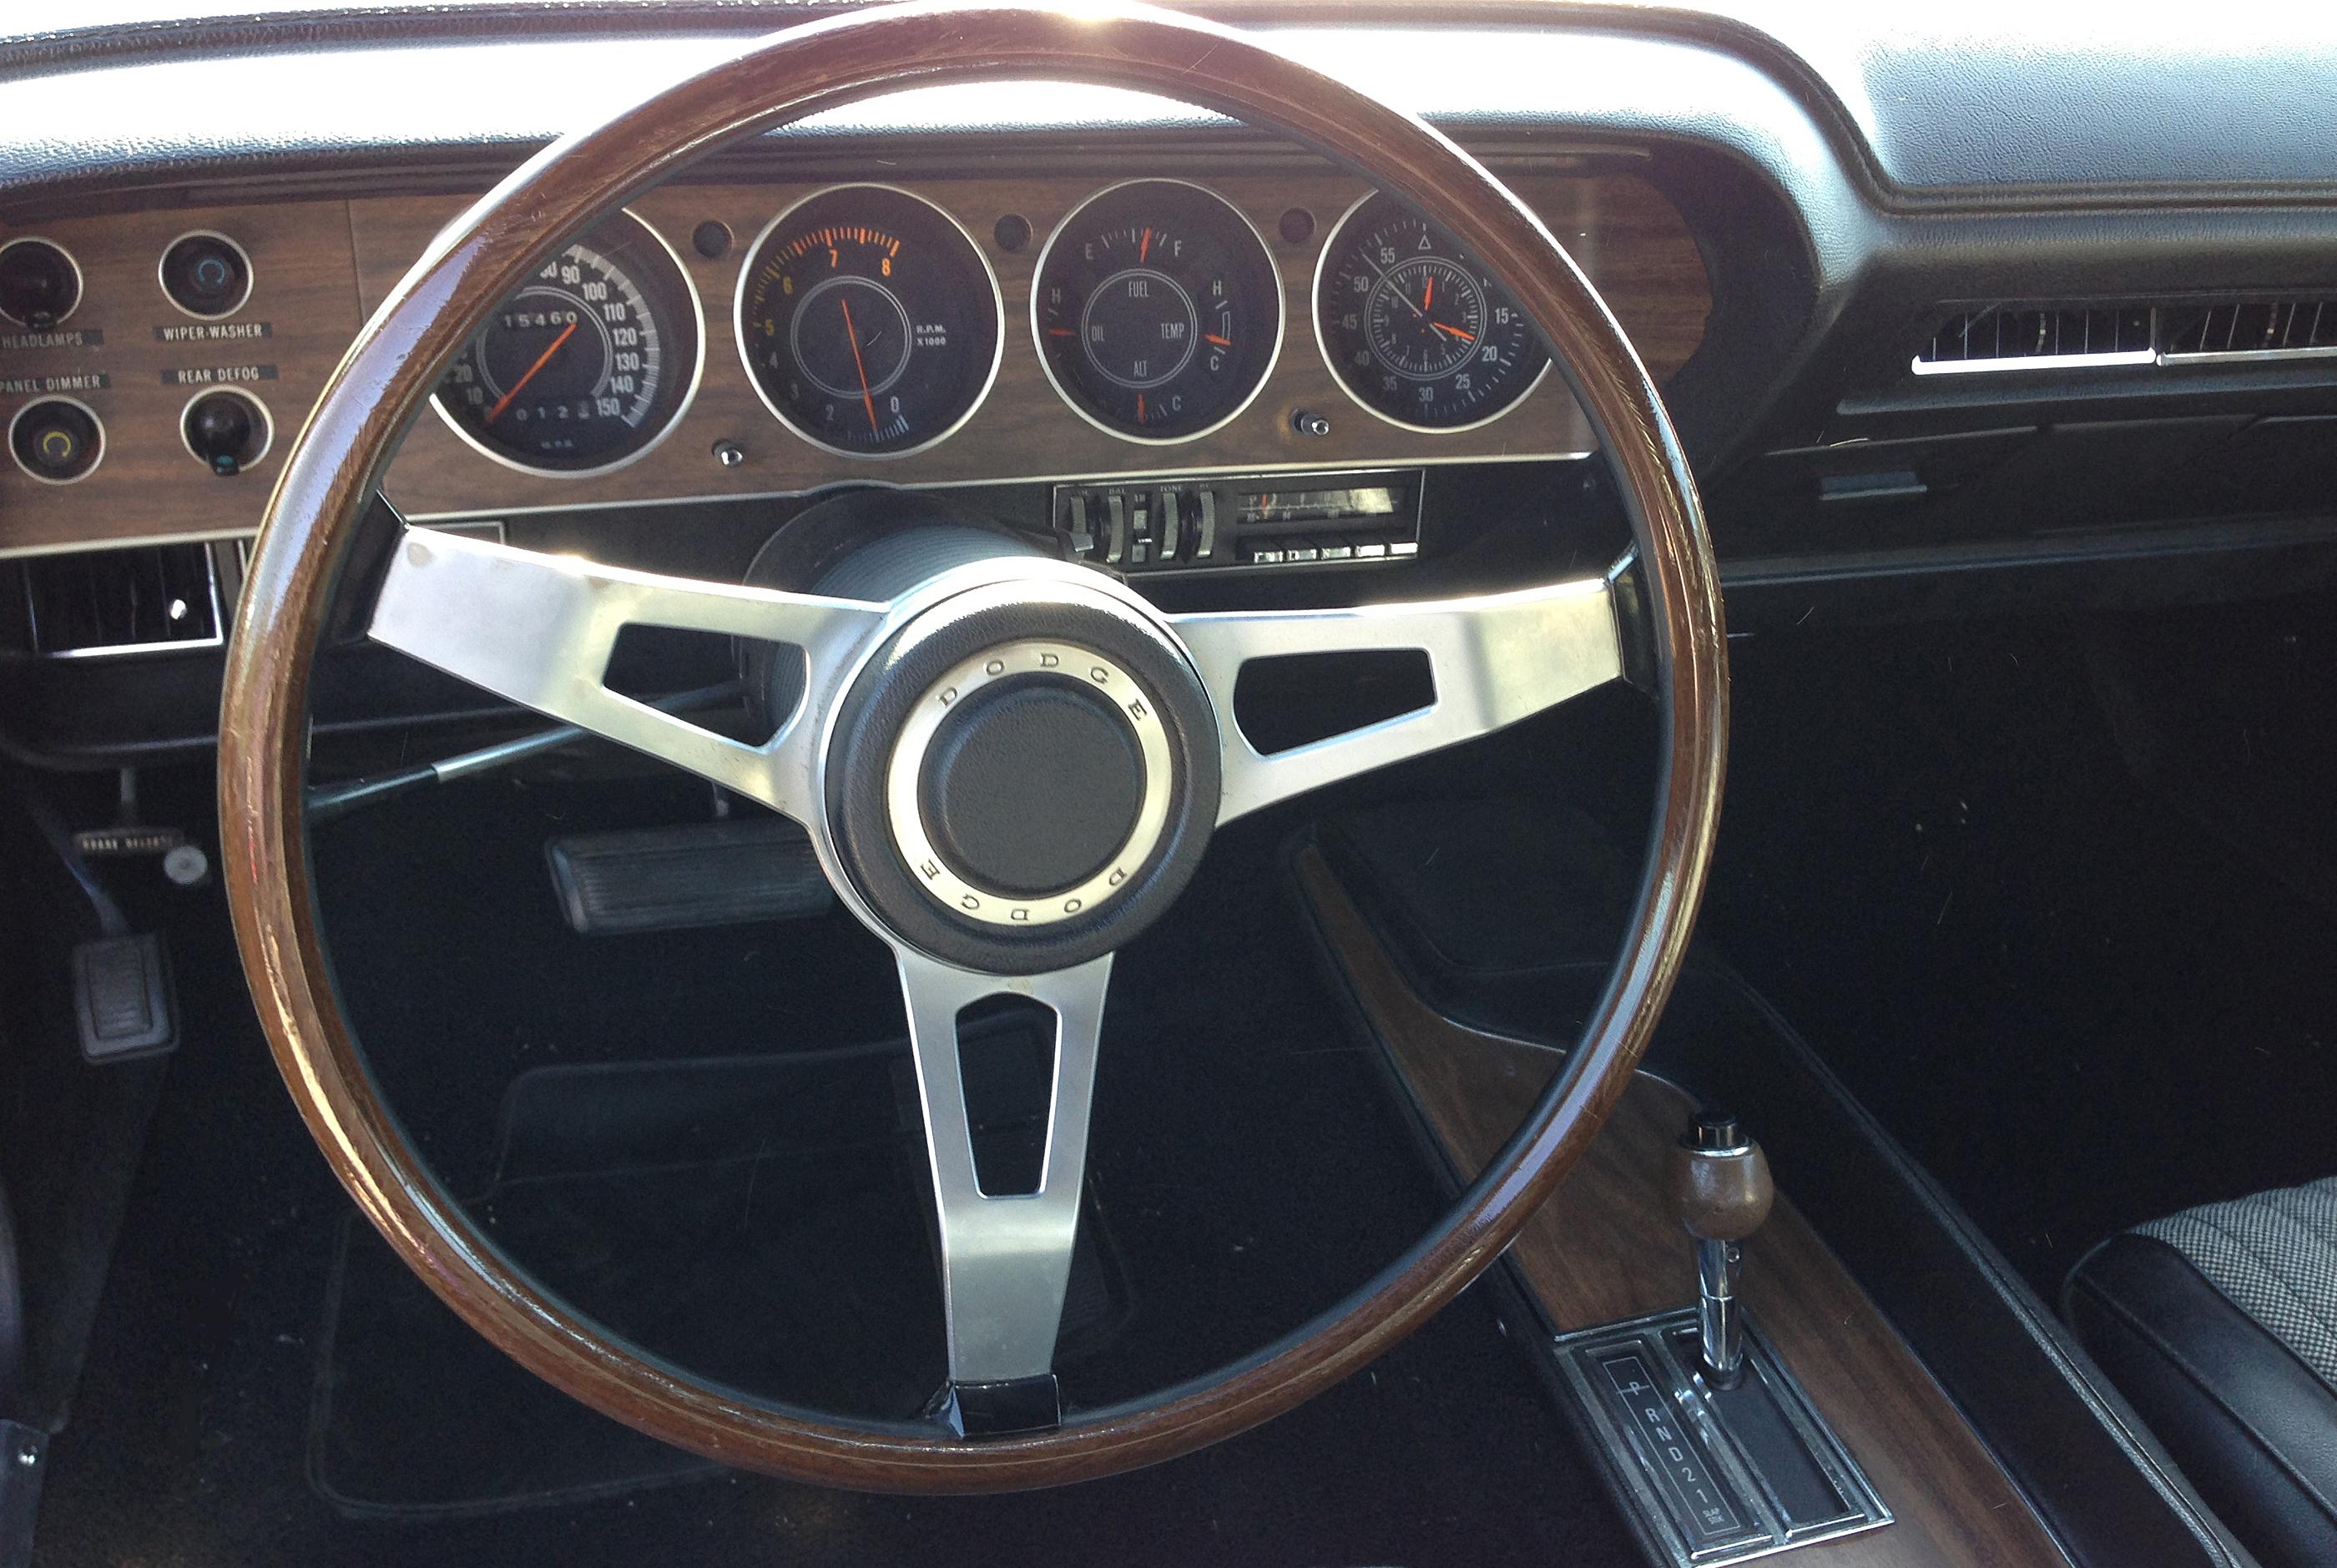 1970 Dodge Challenger RT Steering Wheel